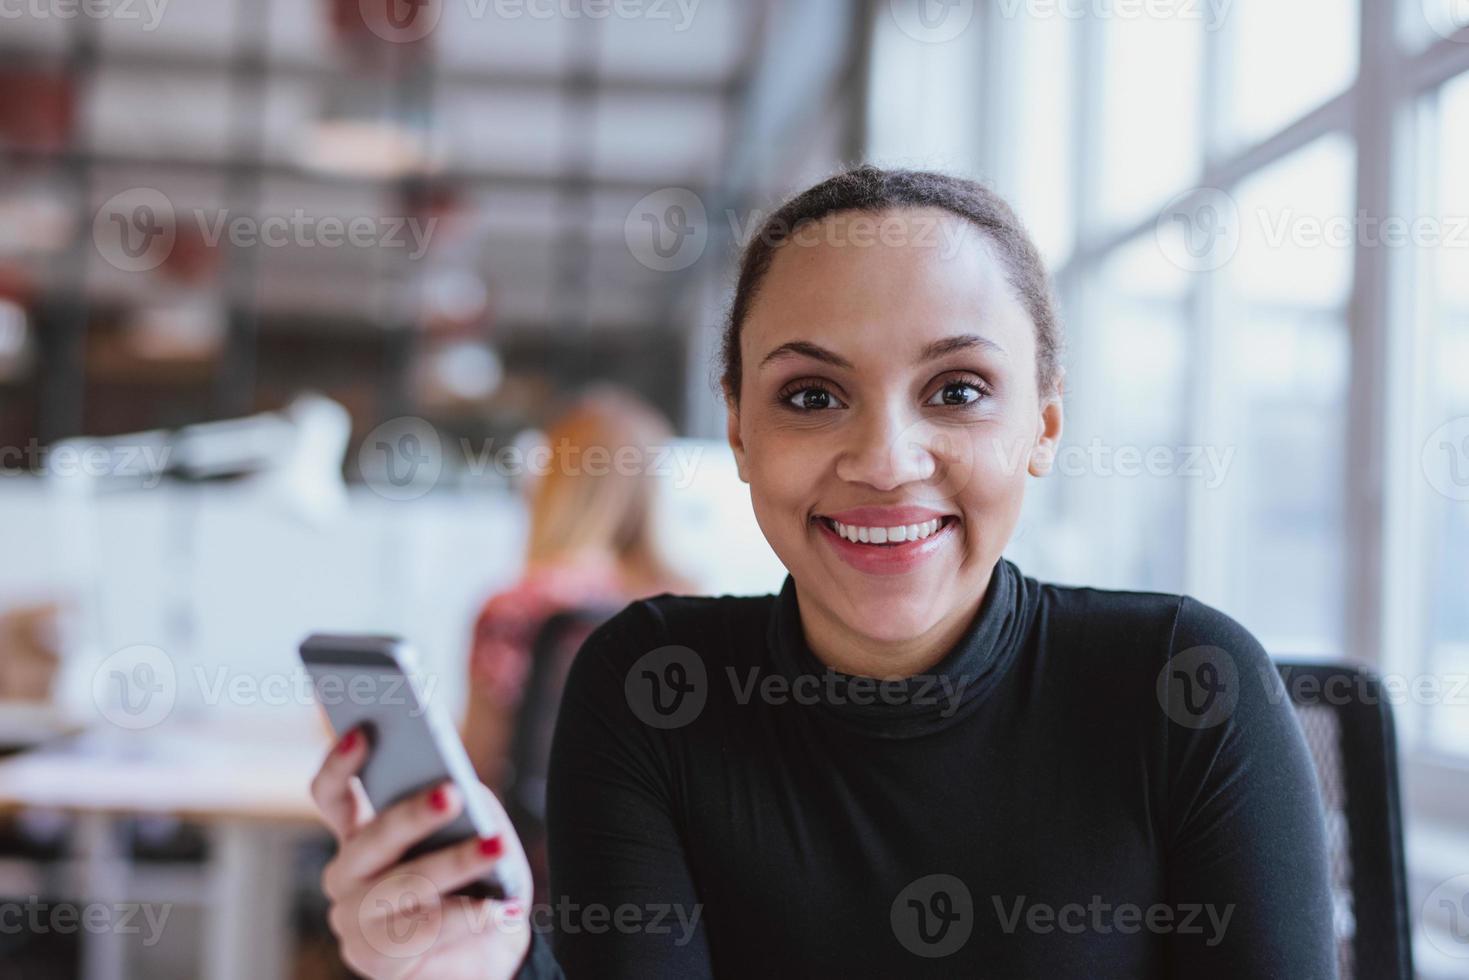 donna africana al lavoro guardando sorridente della fotocamera foto